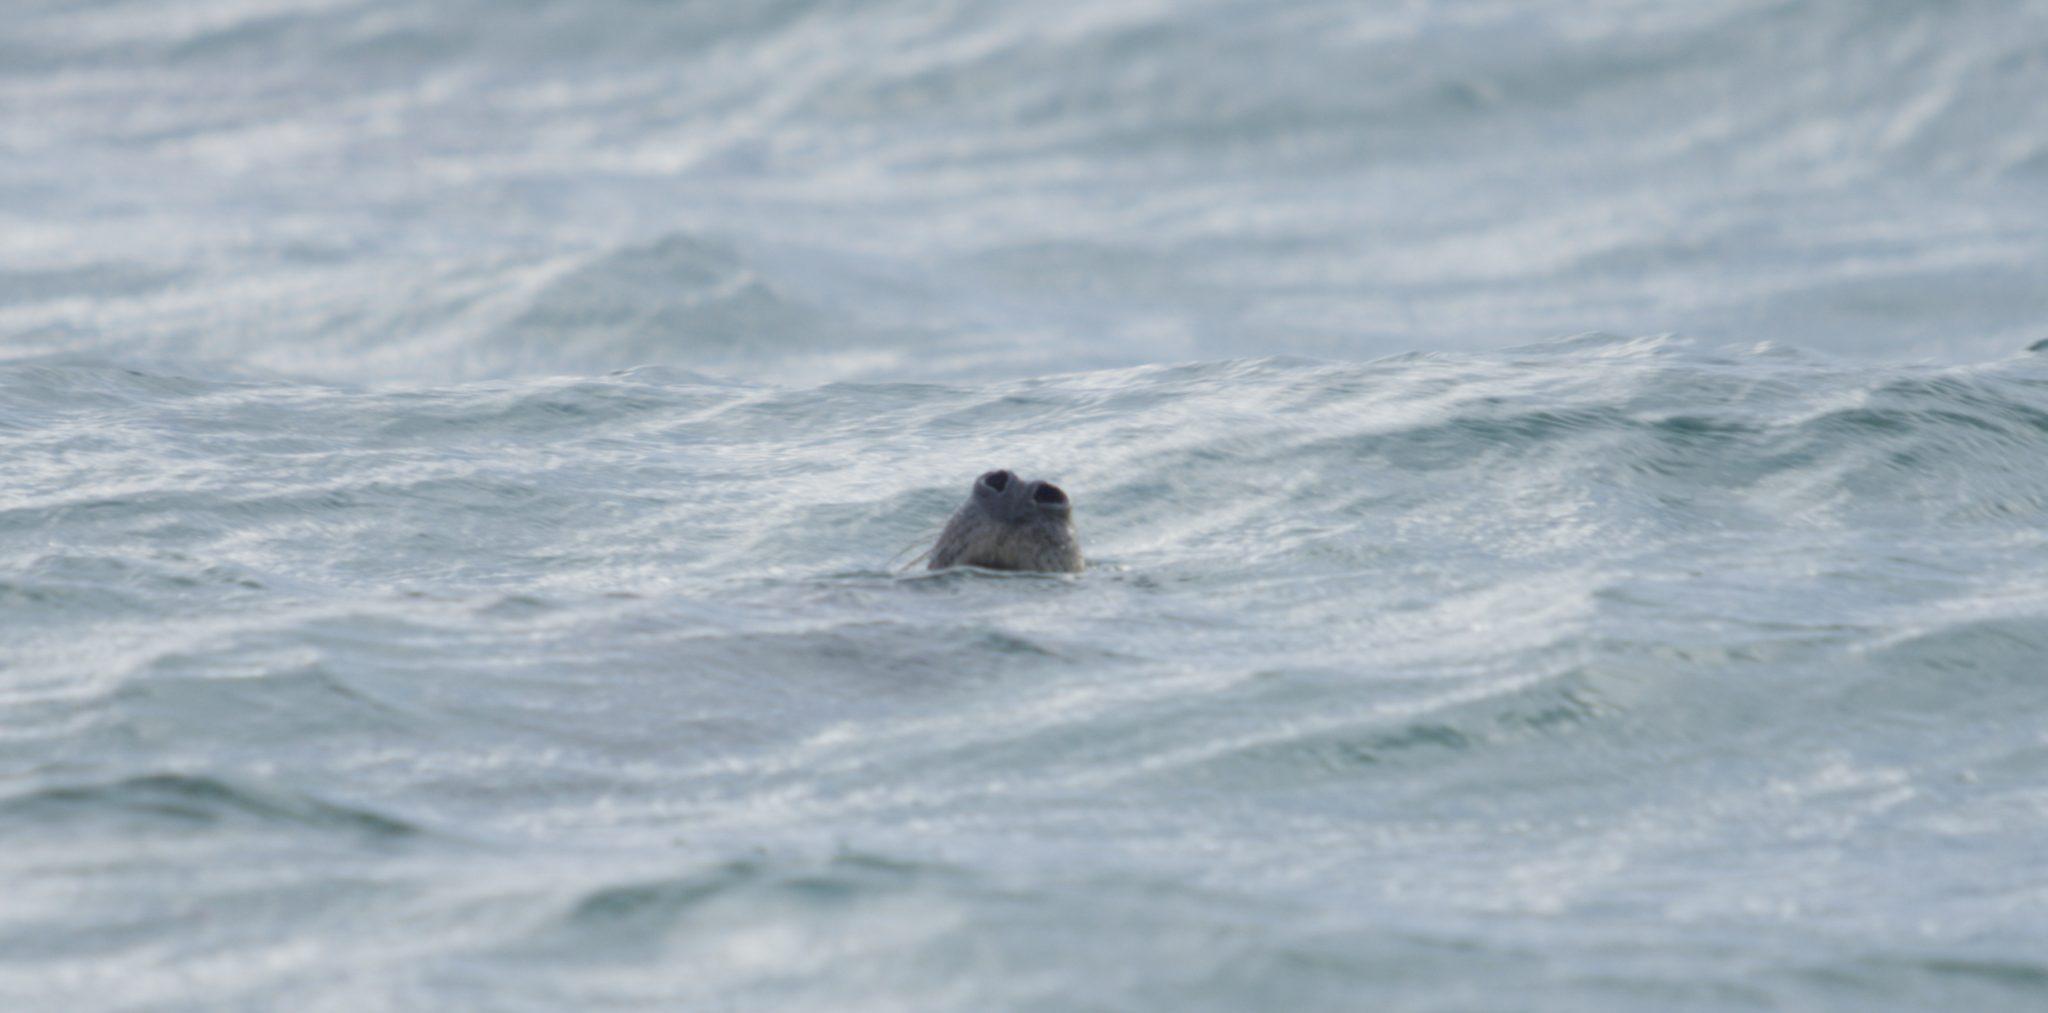 A seal takes a breath